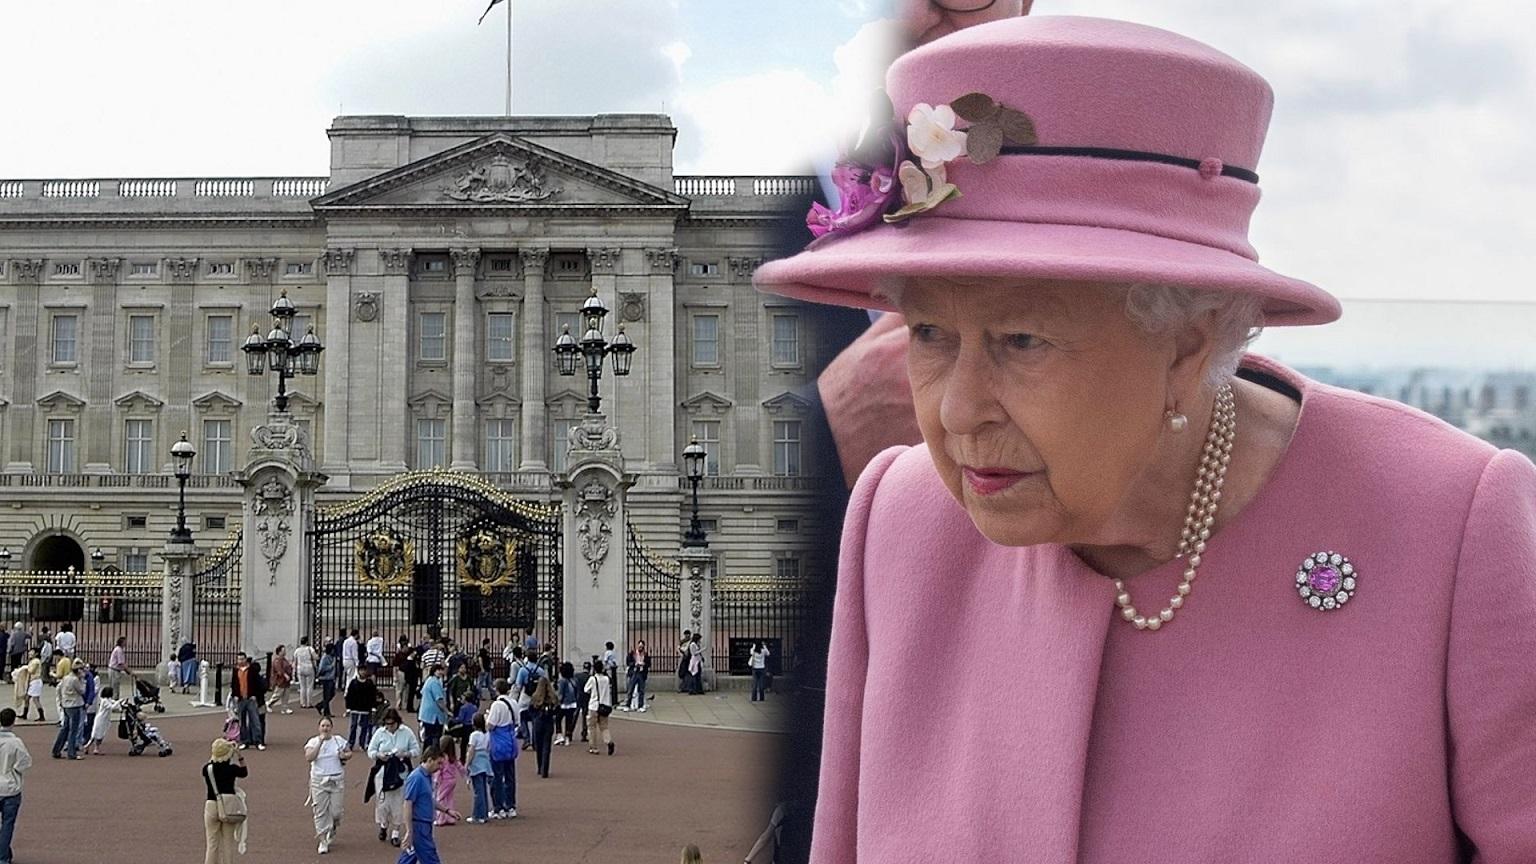 SZOK! Królowa była w poważnym niebezpieczeństwie – mogła zginąć